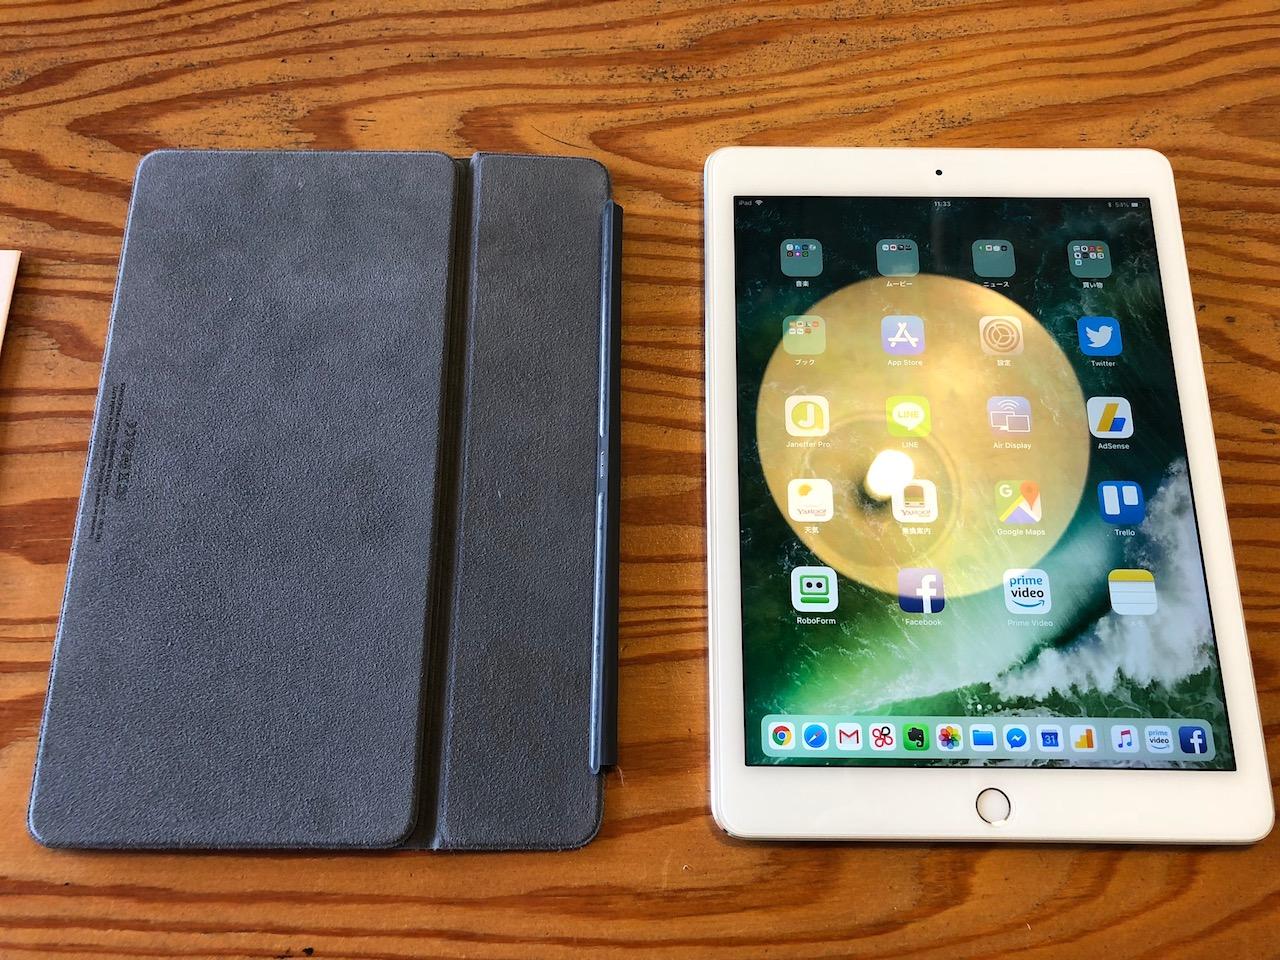 IIJmioの格安SIMをiPadProに挿入!無料かと思ってたけど4枚目からは月400円かかるよ!でも安すぎるがw